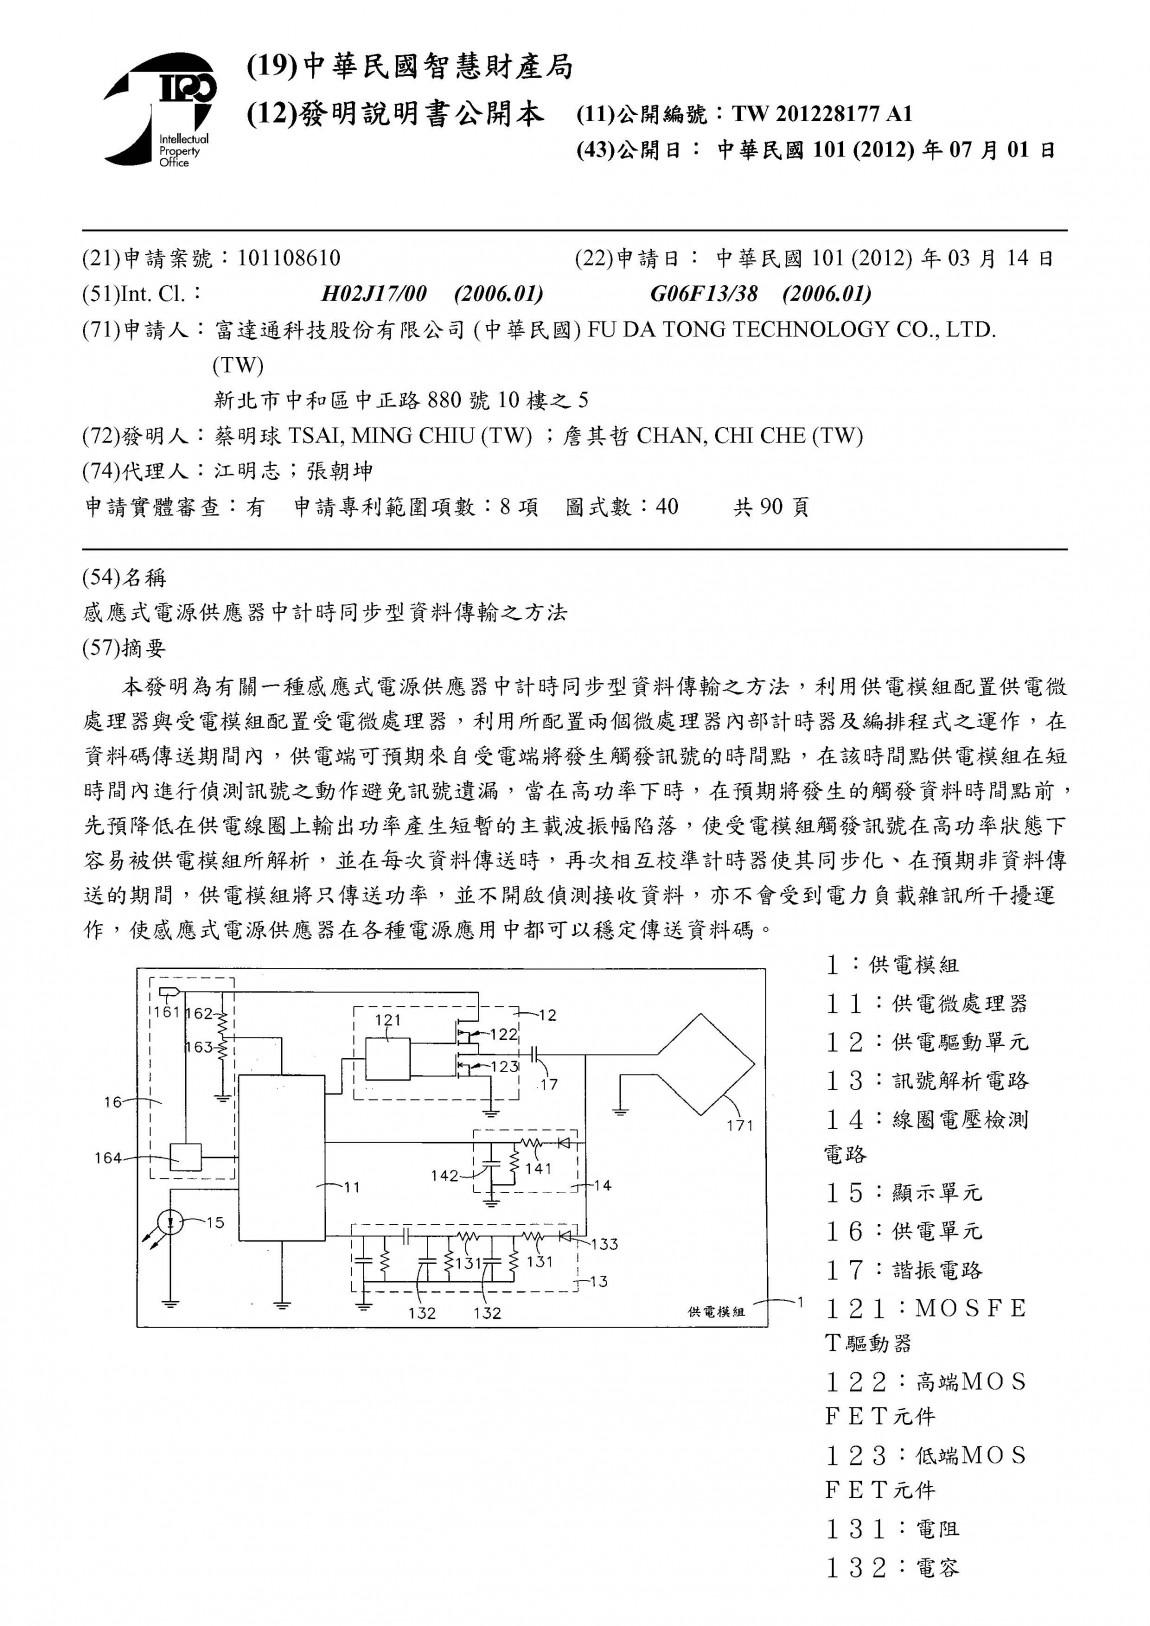 富達通專利18-感應式電源供應器中計時同步型資料傳輸之方法(台灣)201228177